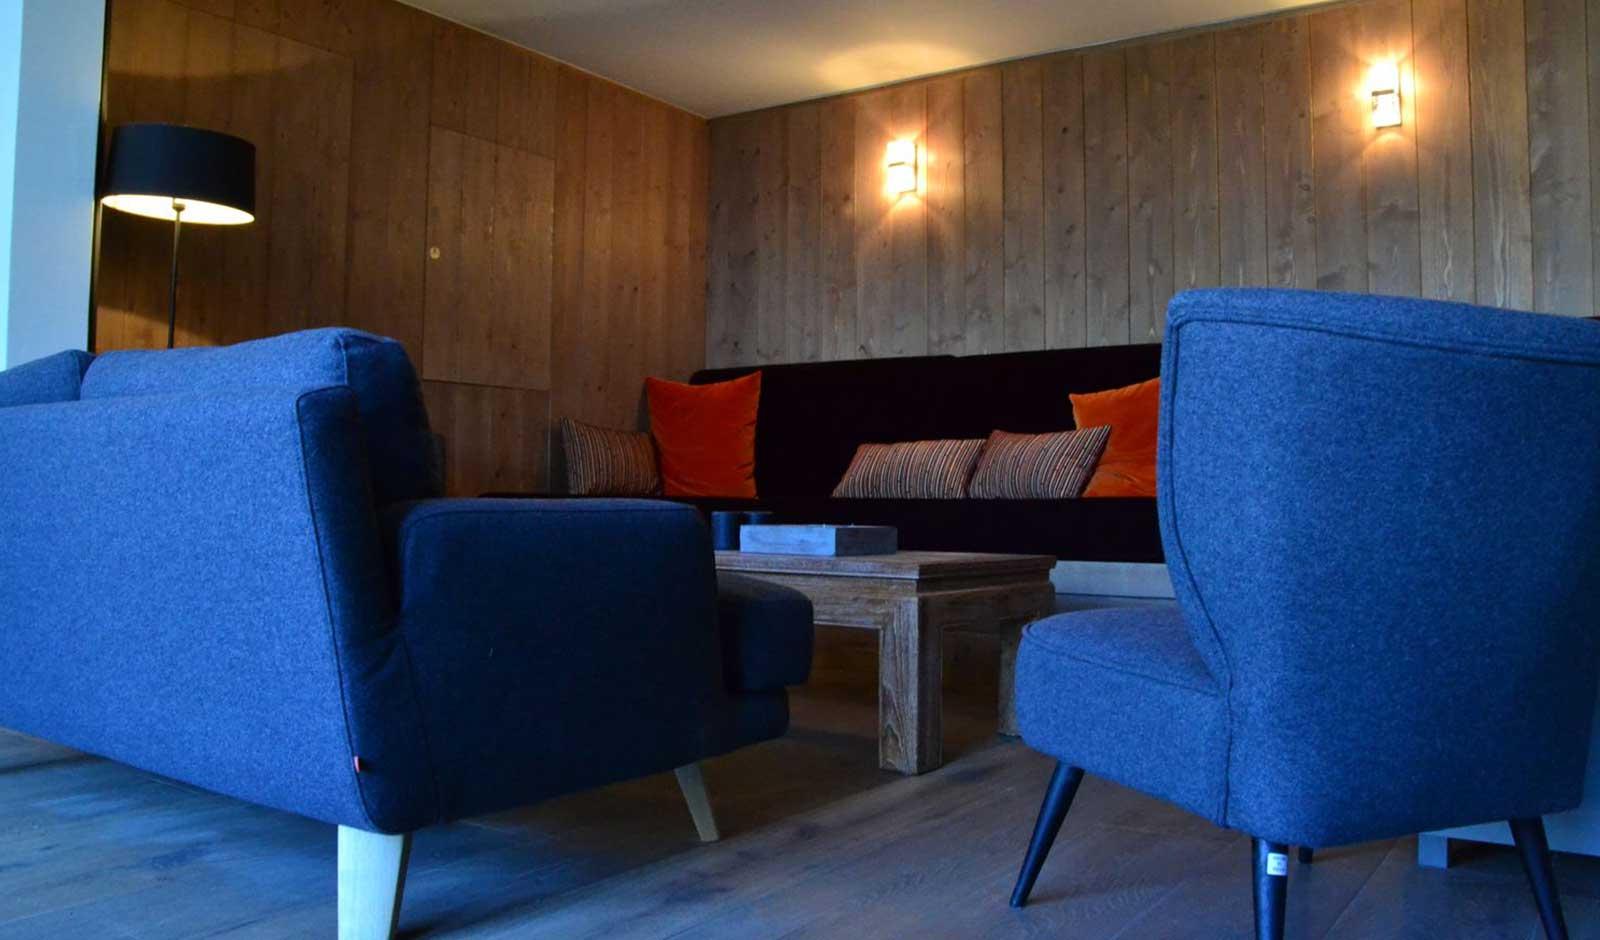 chalet-le-bachal-6-atelier-crea-and-co-architecte-design-project-manager-meribel-savoie